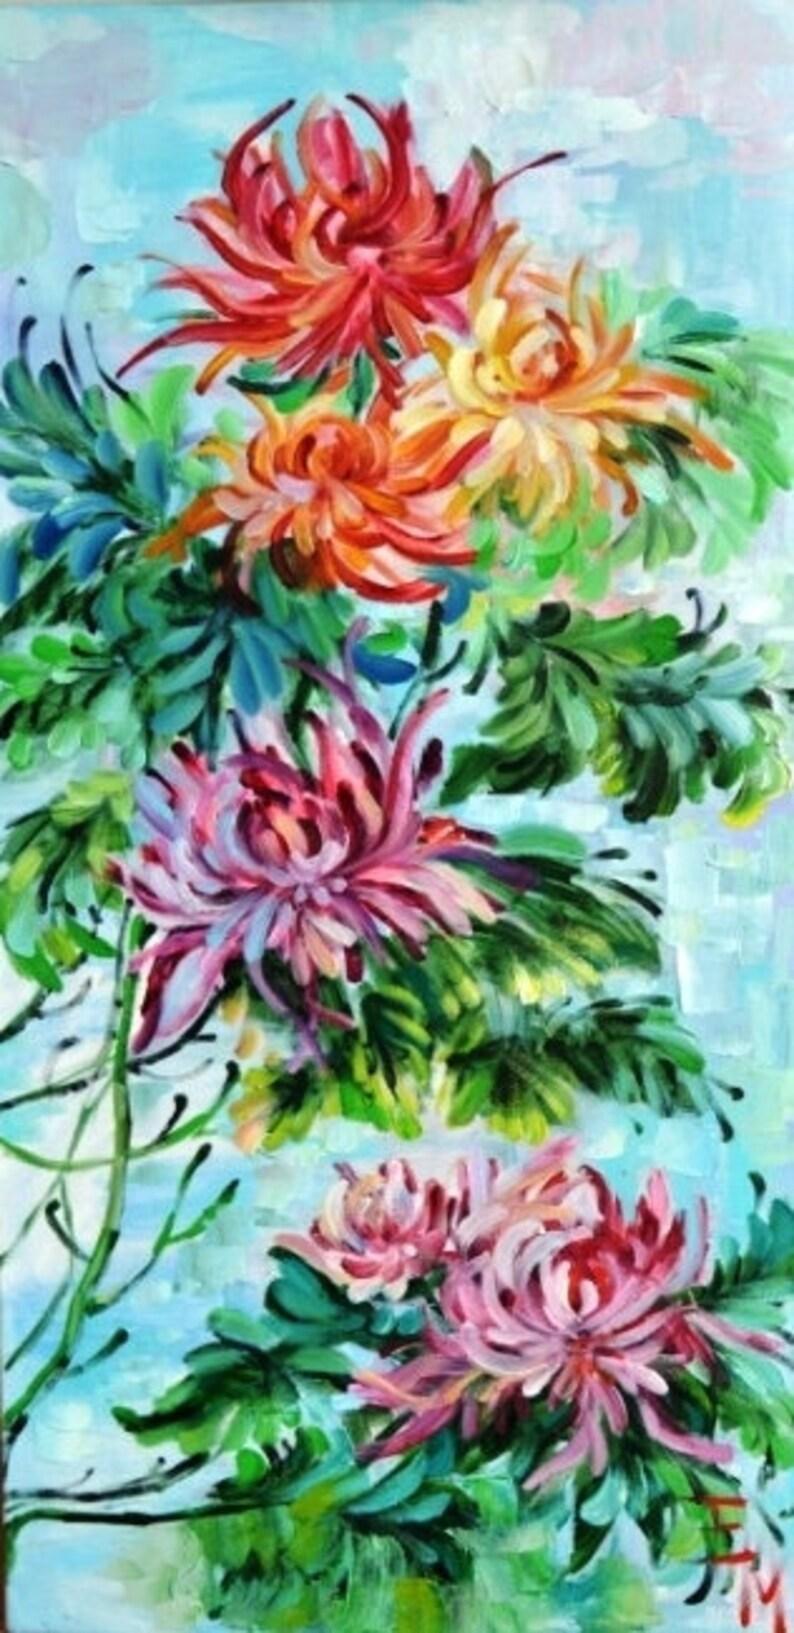 La pittura di fiori olio su tela arte arte pittura fiori | Etsy